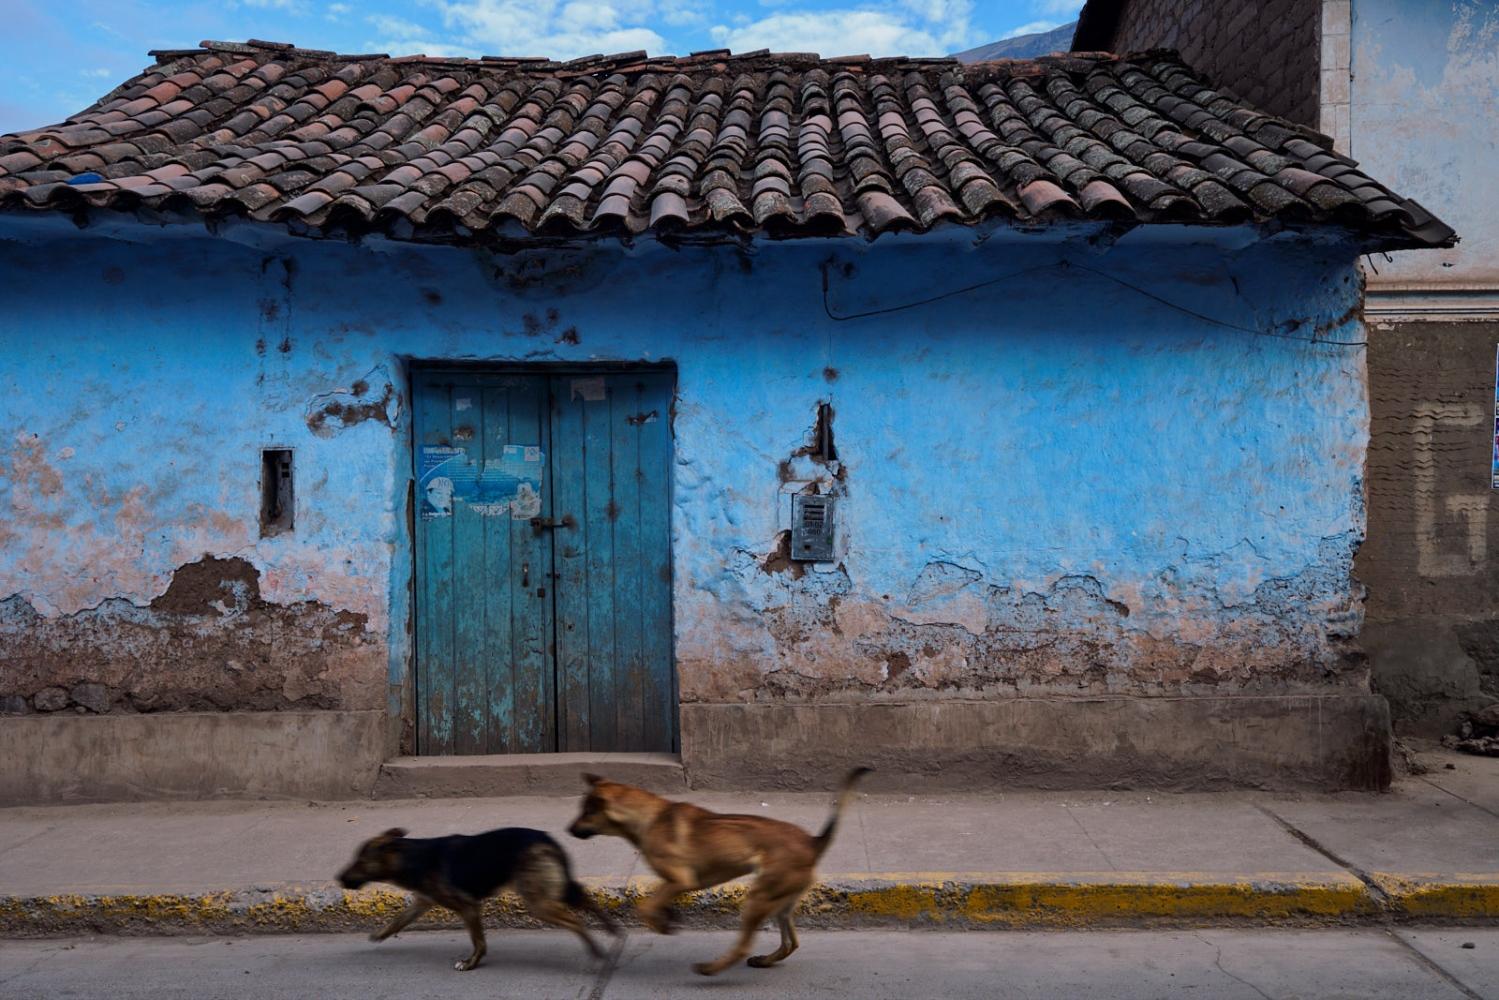 Street dogs, Calca, Peru.